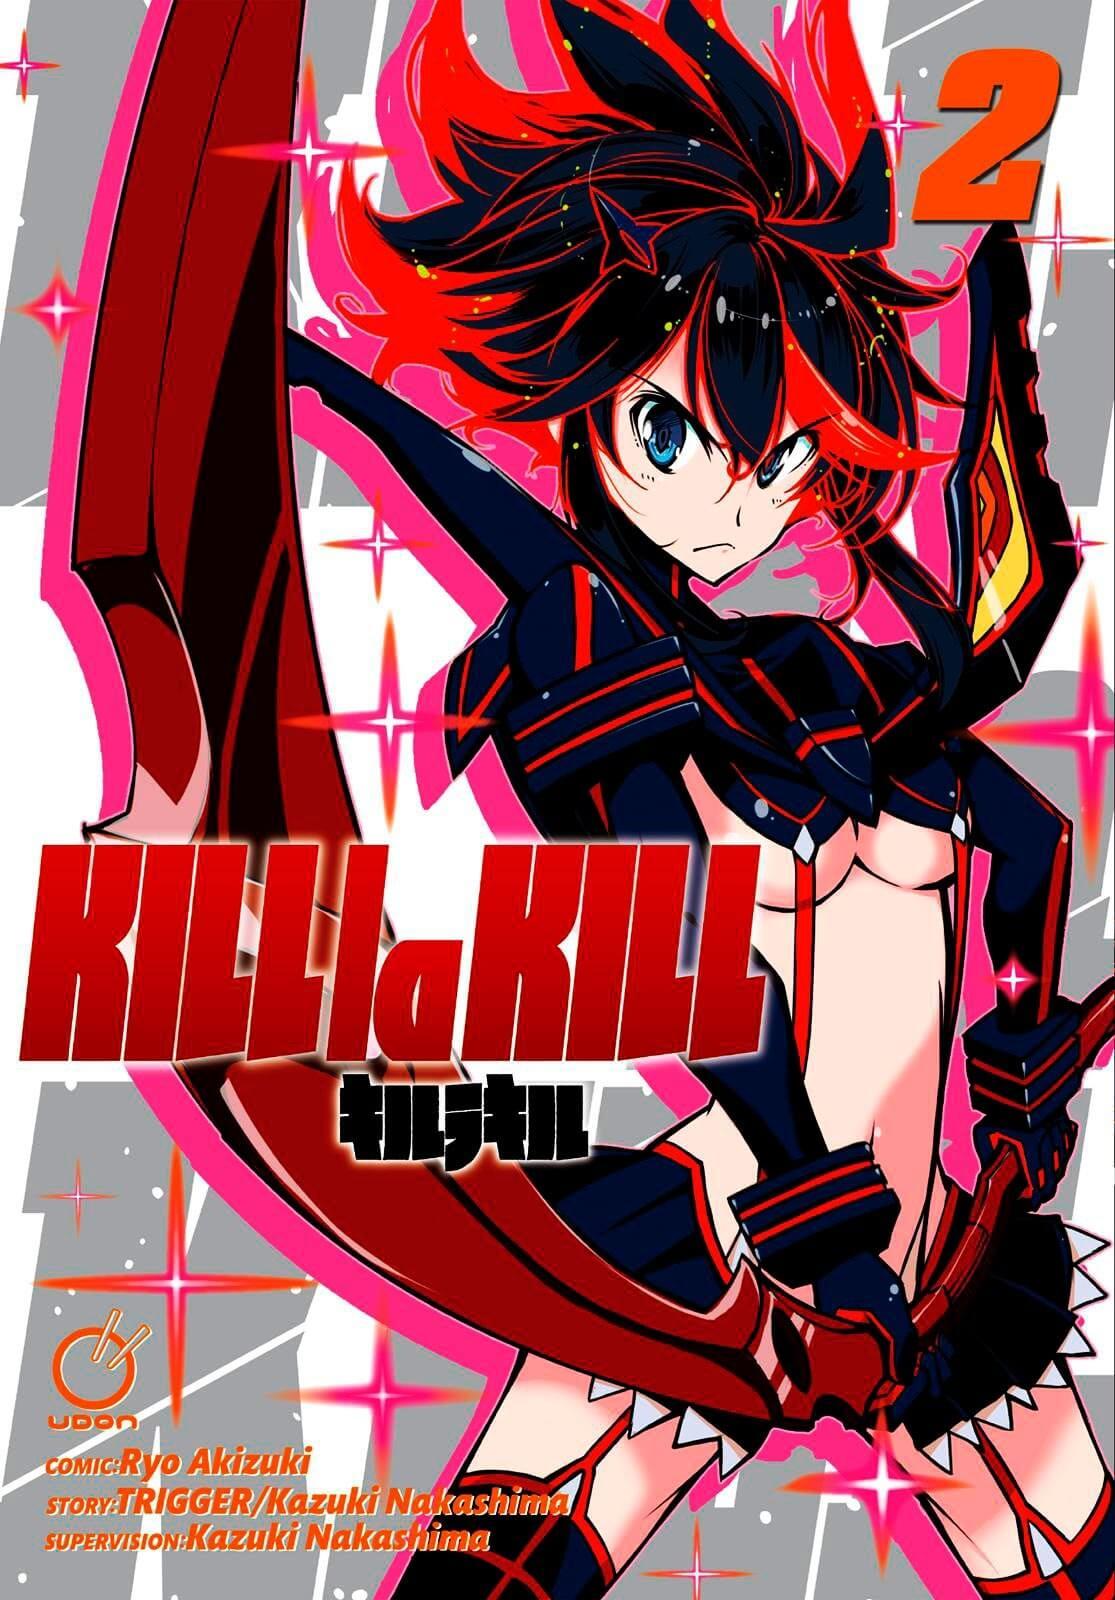 Descargar manga de Kill la Kill en PDF por mega mana completo en español